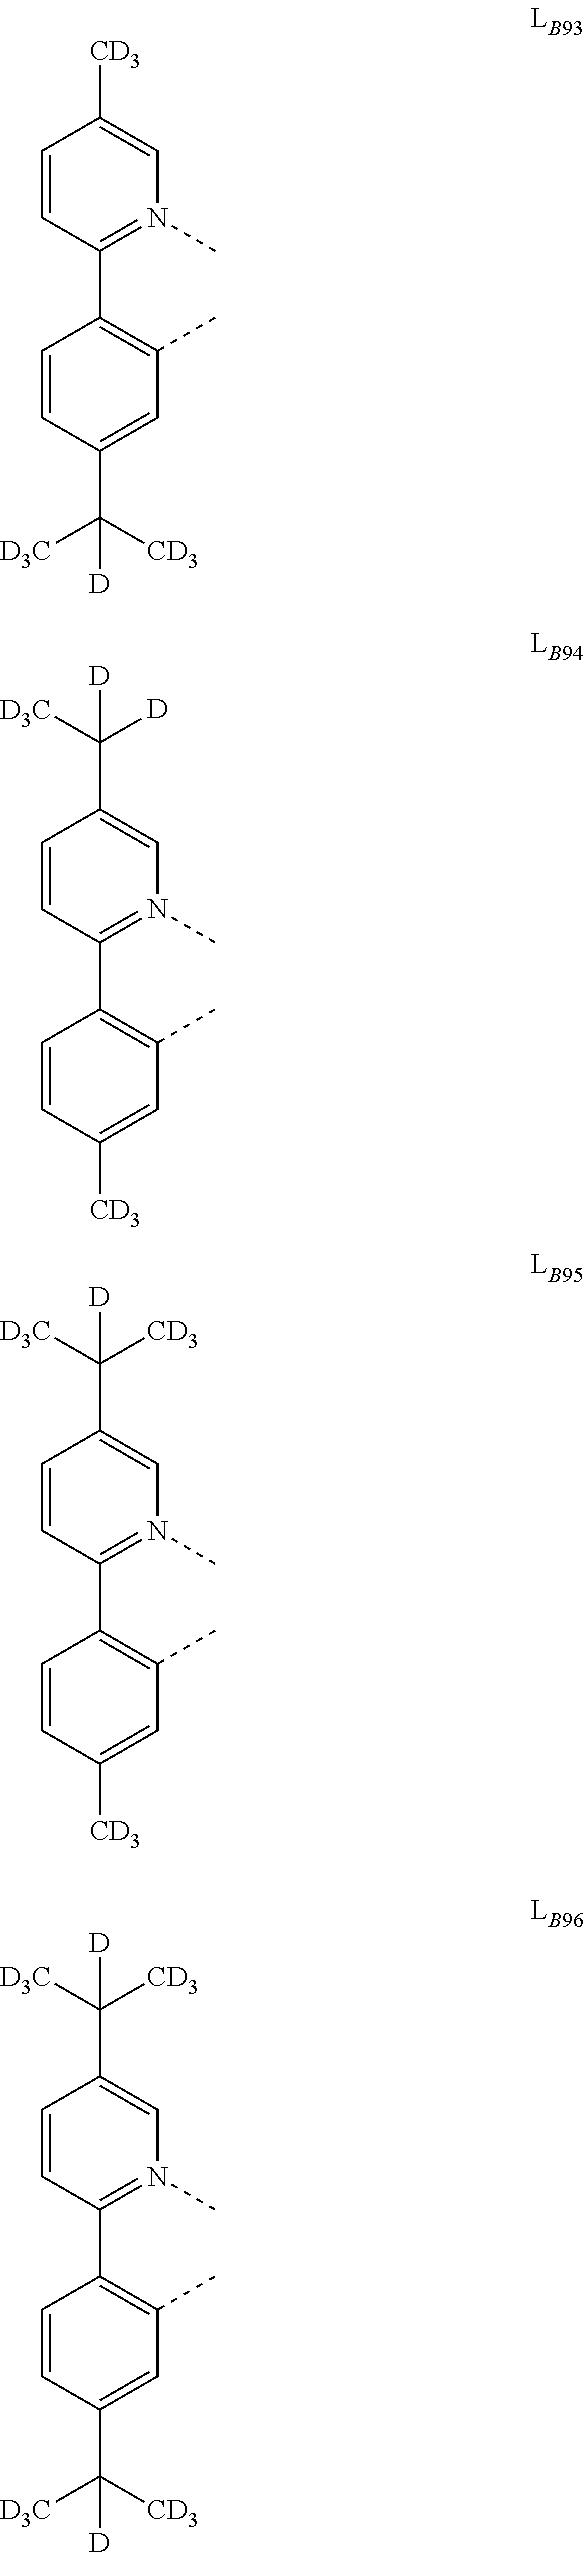 Figure US09929360-20180327-C00234